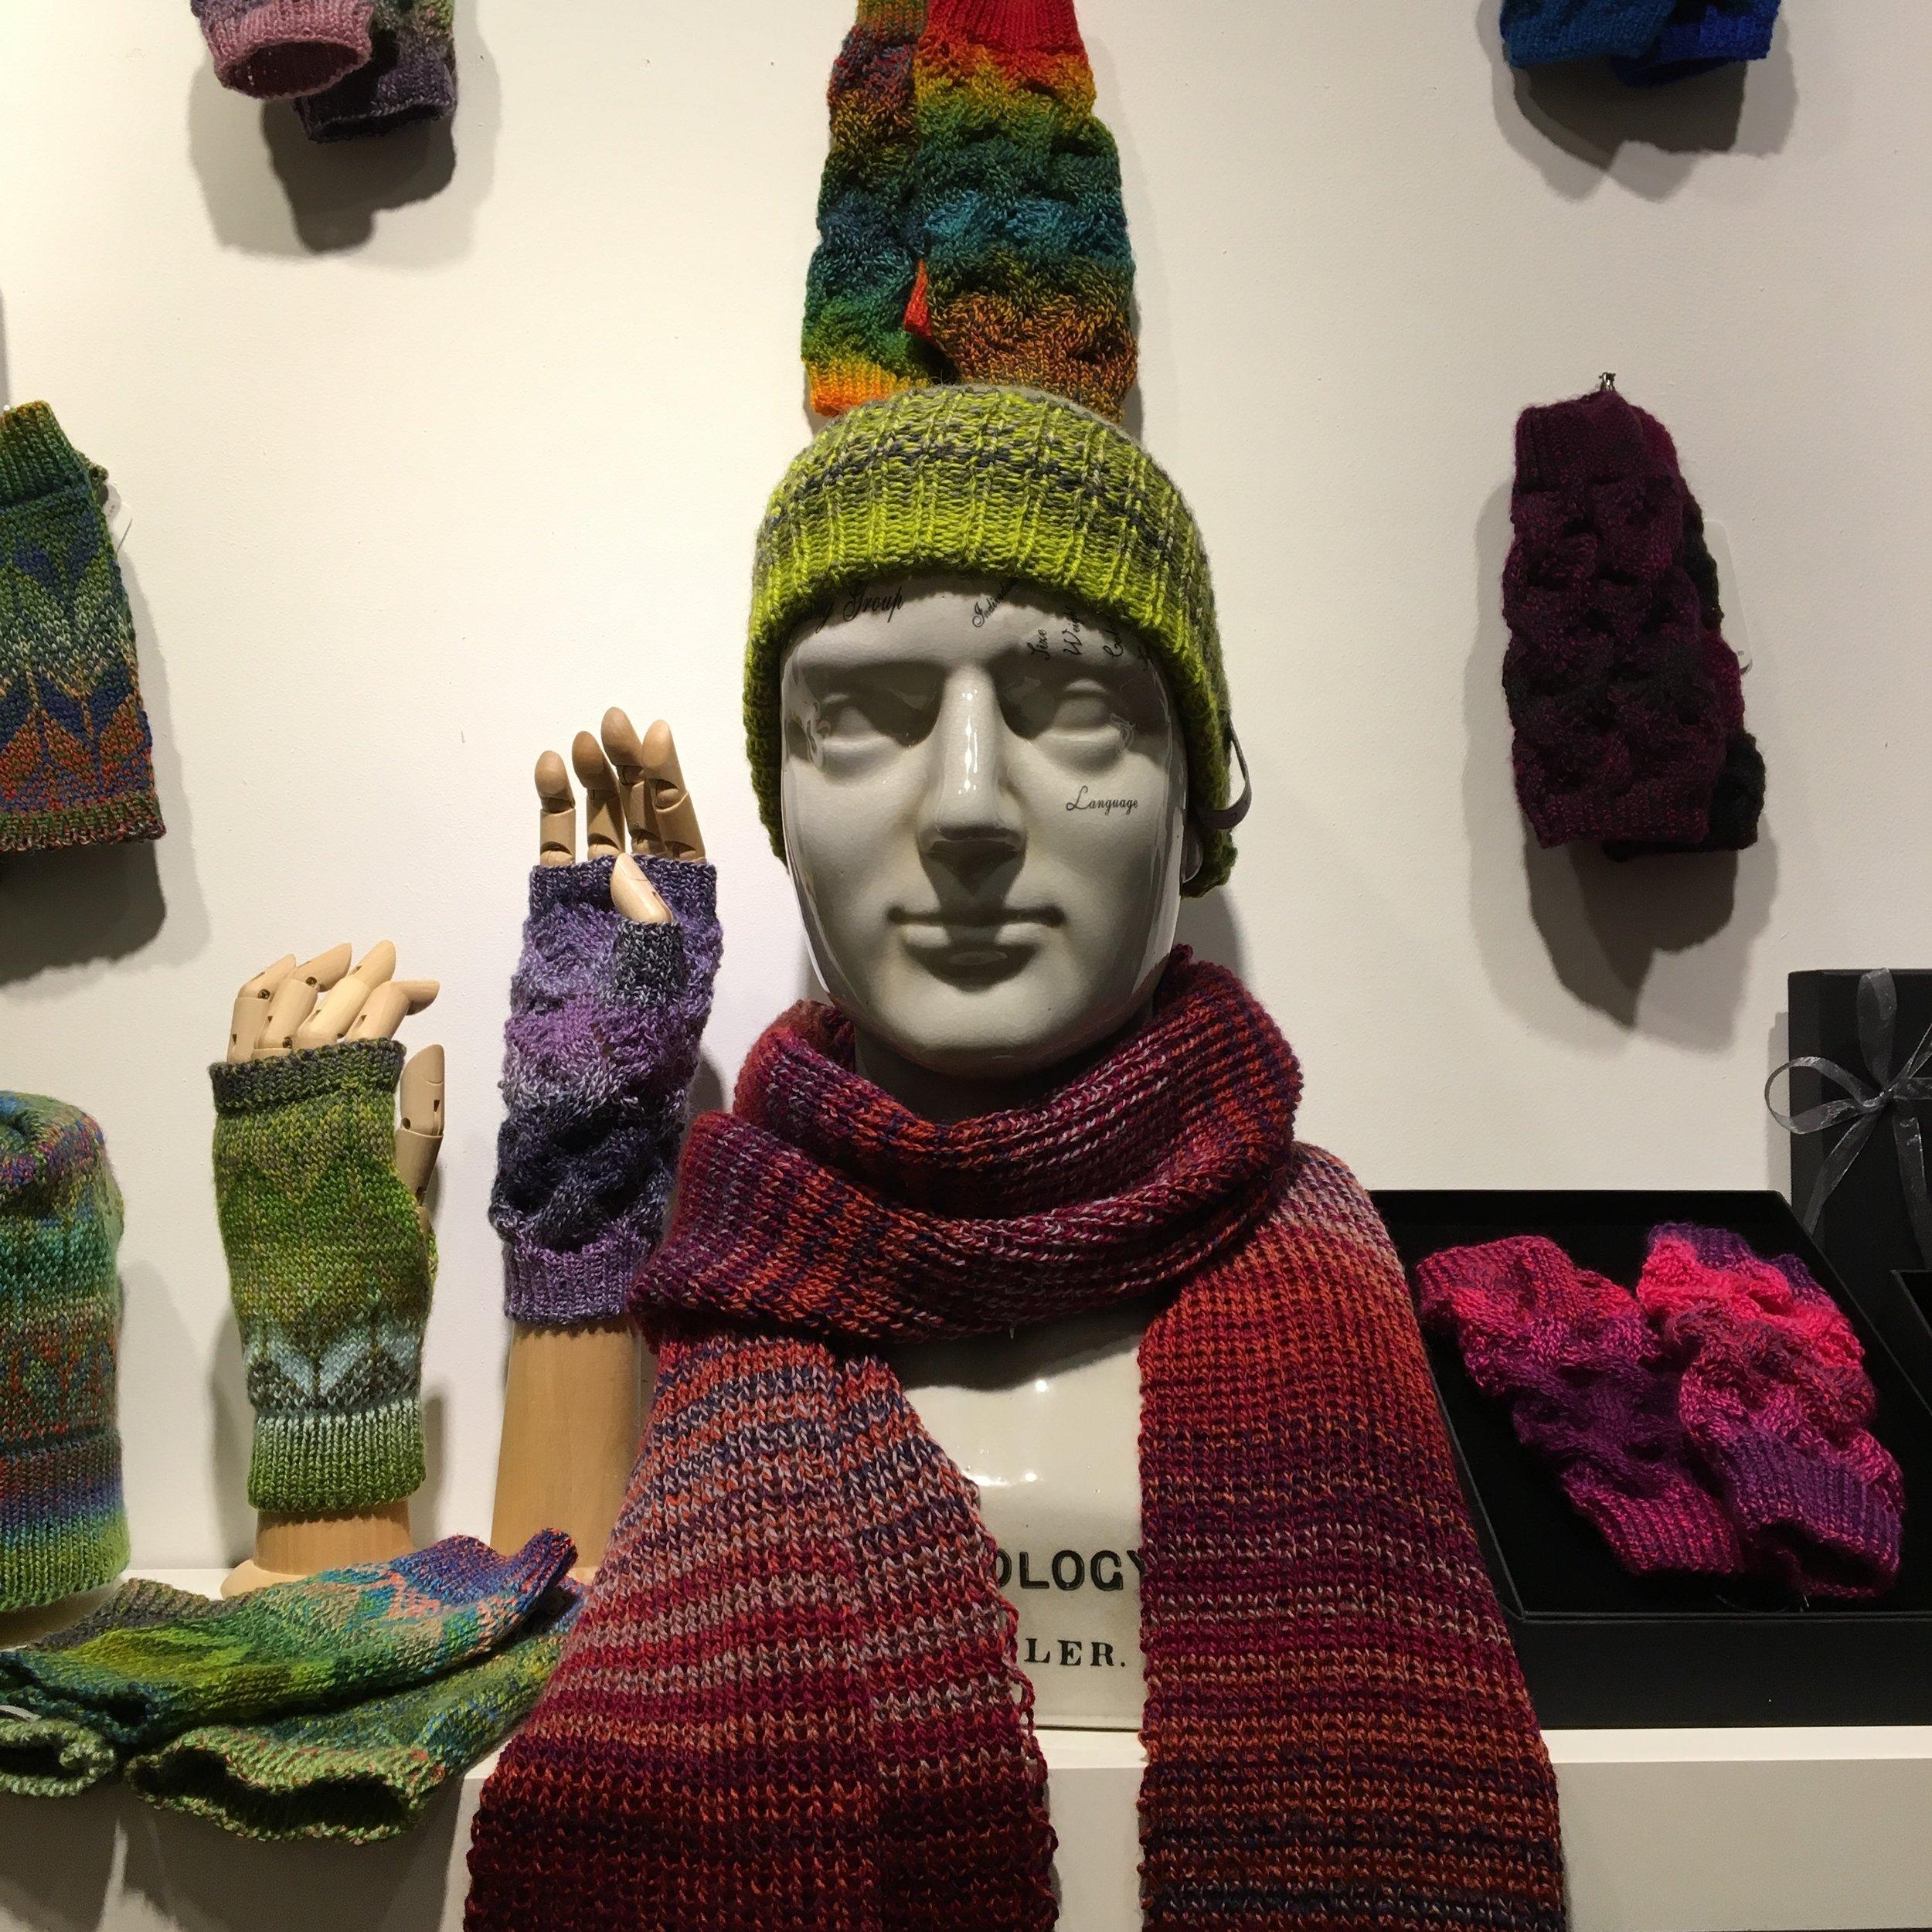 CHELACHE knitwear